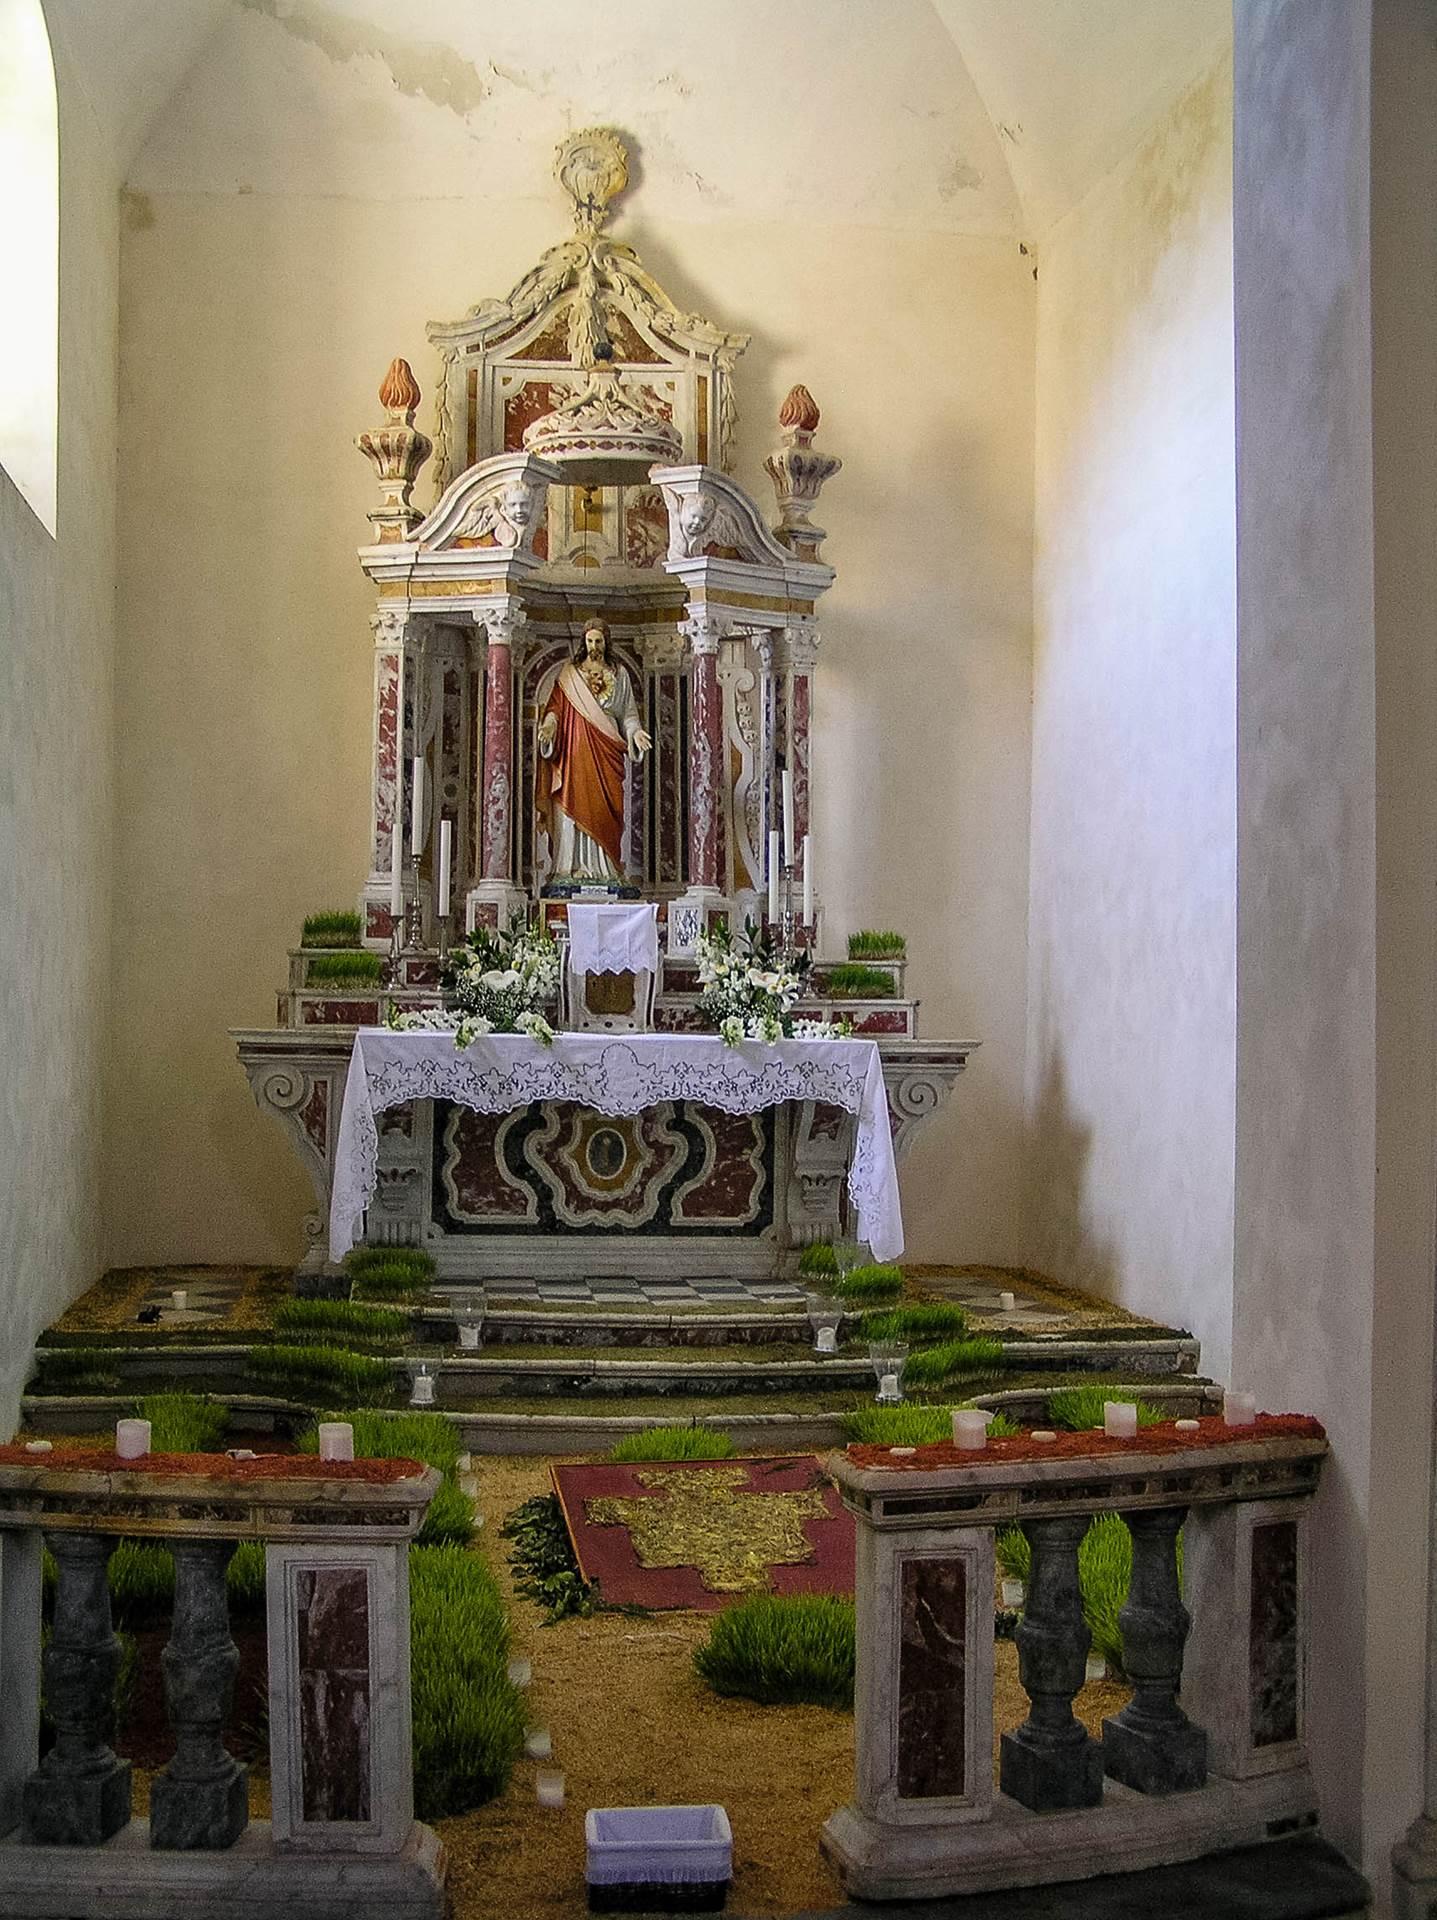 Wielkanoc Sycylia Palermo Wielkanoc na Sycylii